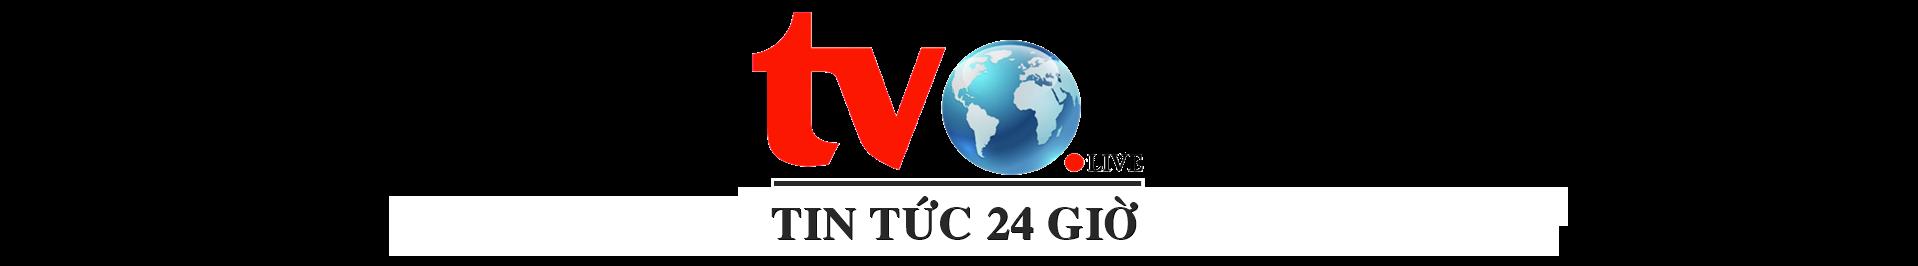 TVO 24 GIỜ